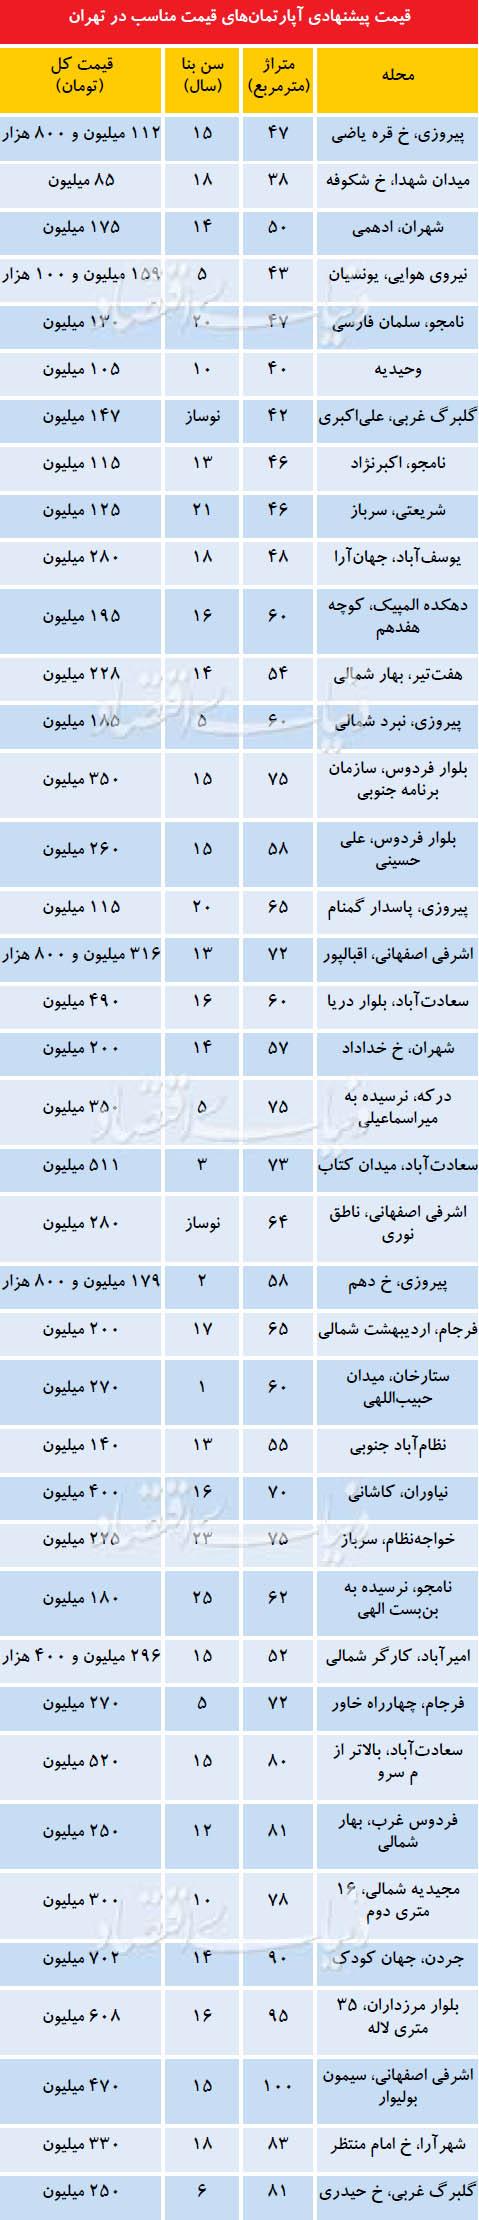 قیمت پیشنهادی آپارتمانهای قیمت مناسب در تهران